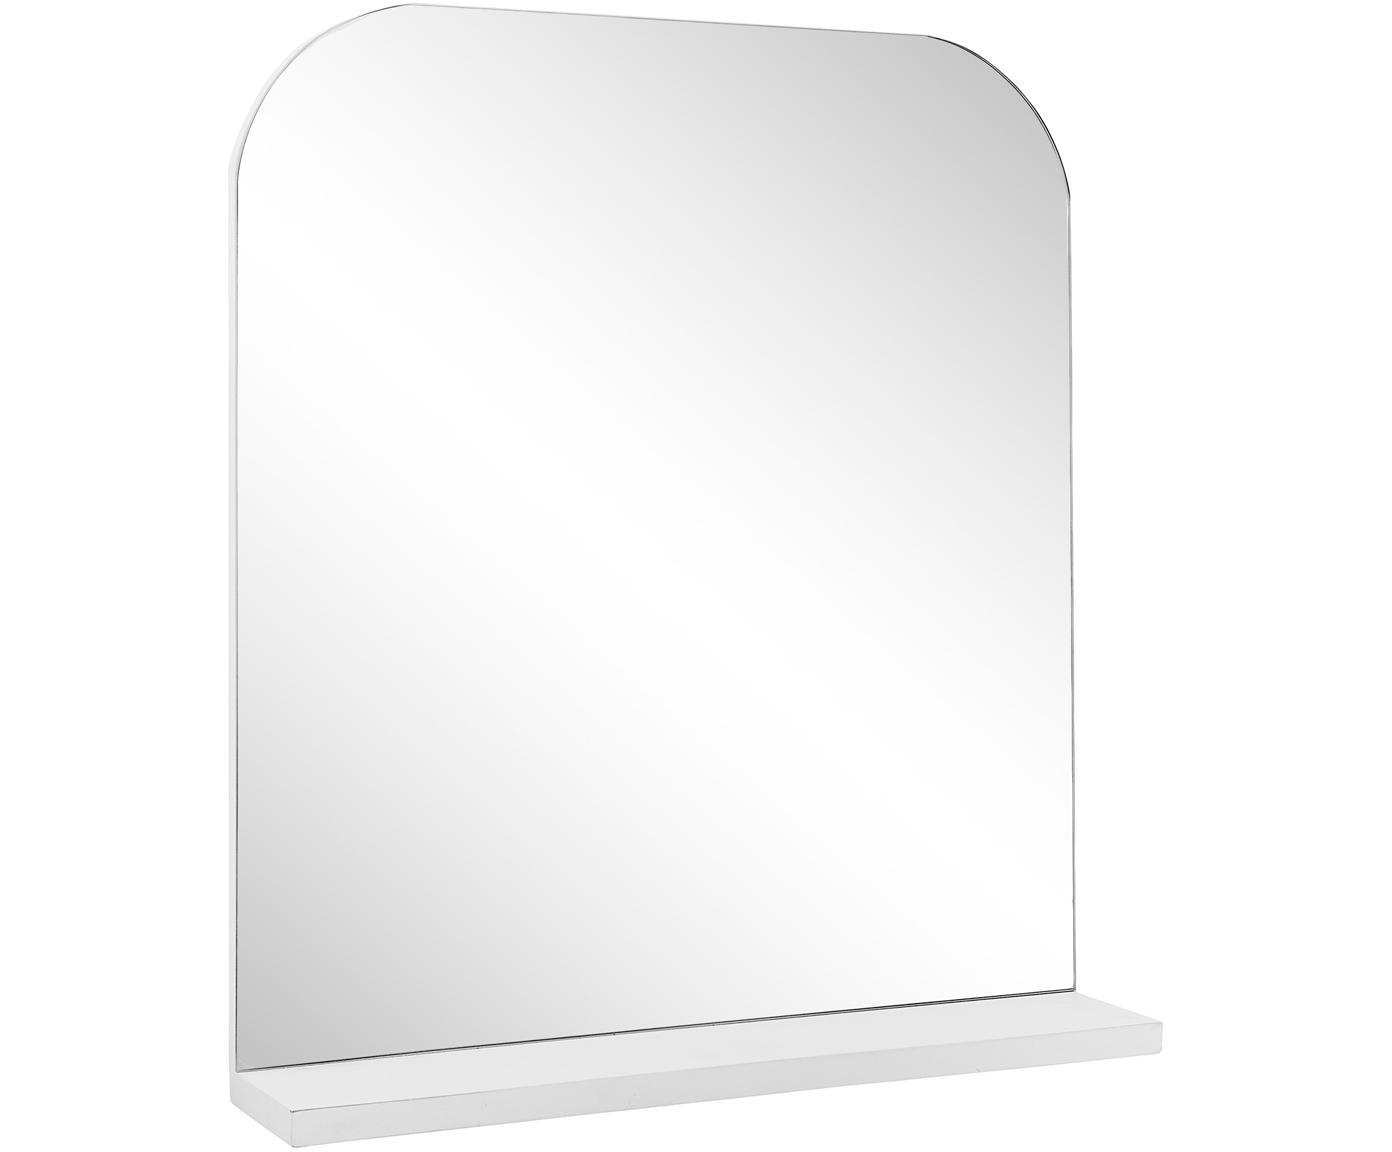 Lustro ścienne Pina, Biały, S 55 x W 63 cm